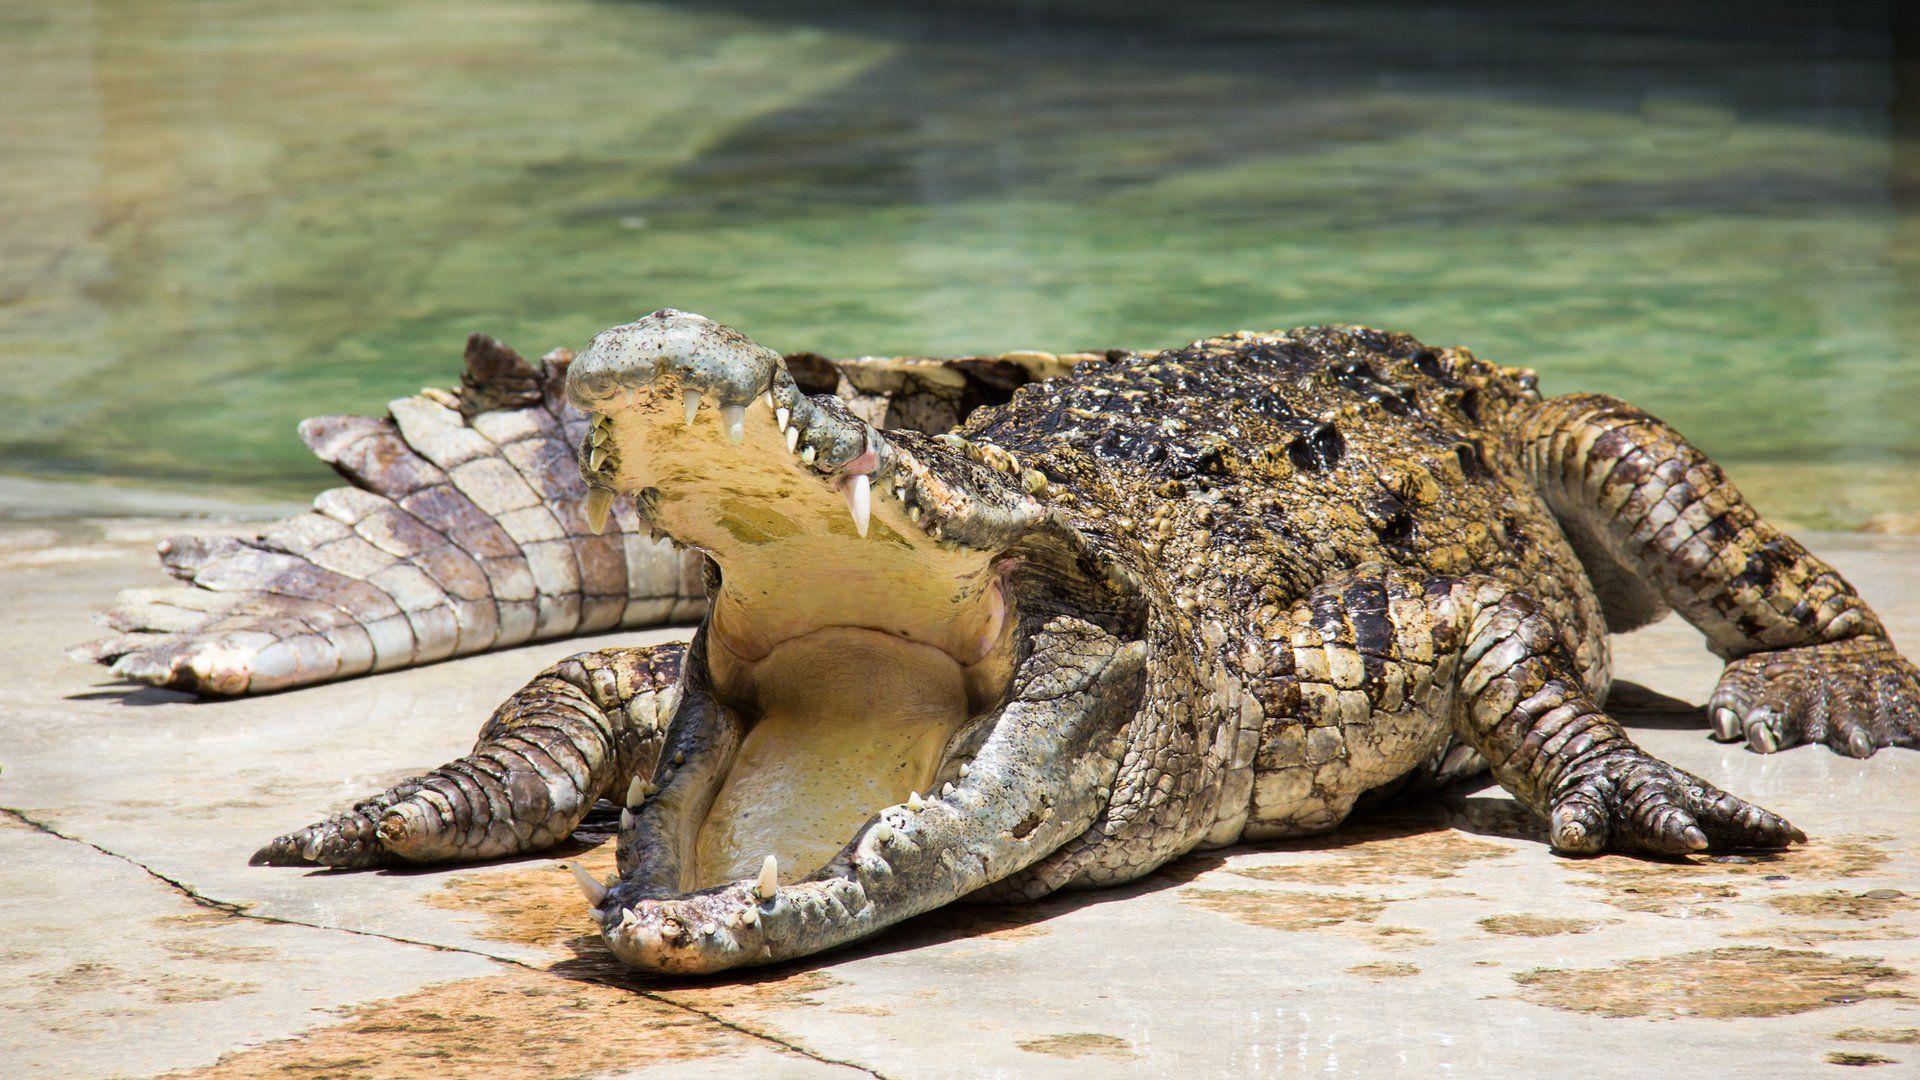 Crocodile new wallpaper